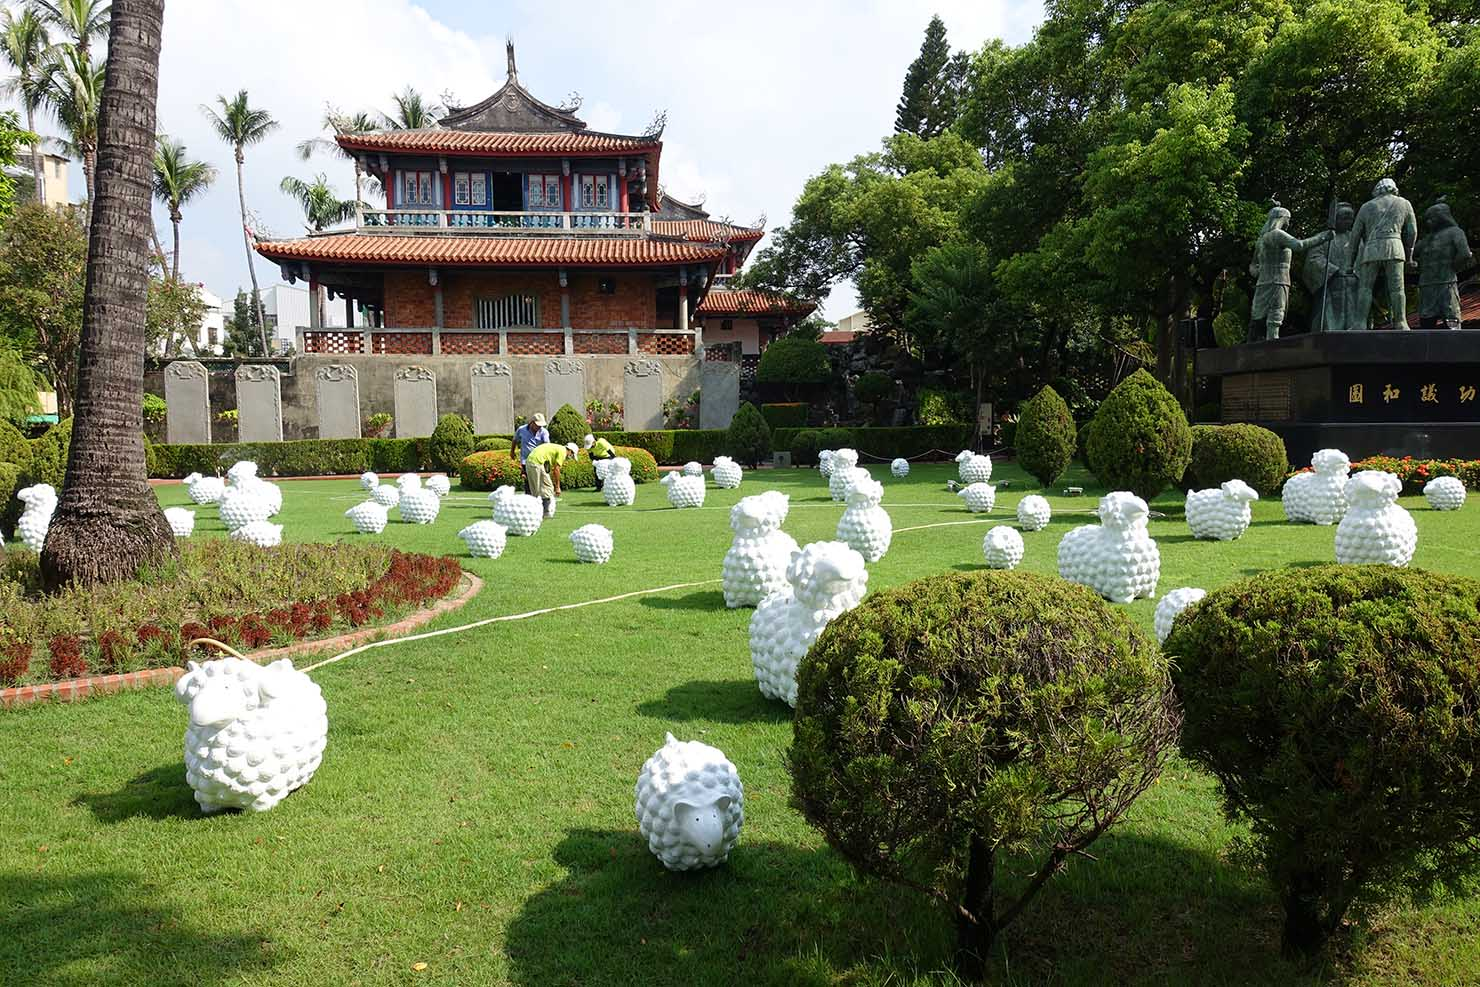 台湾の古都・台南のおすすめ観光スポット「赤崁樓」の外観